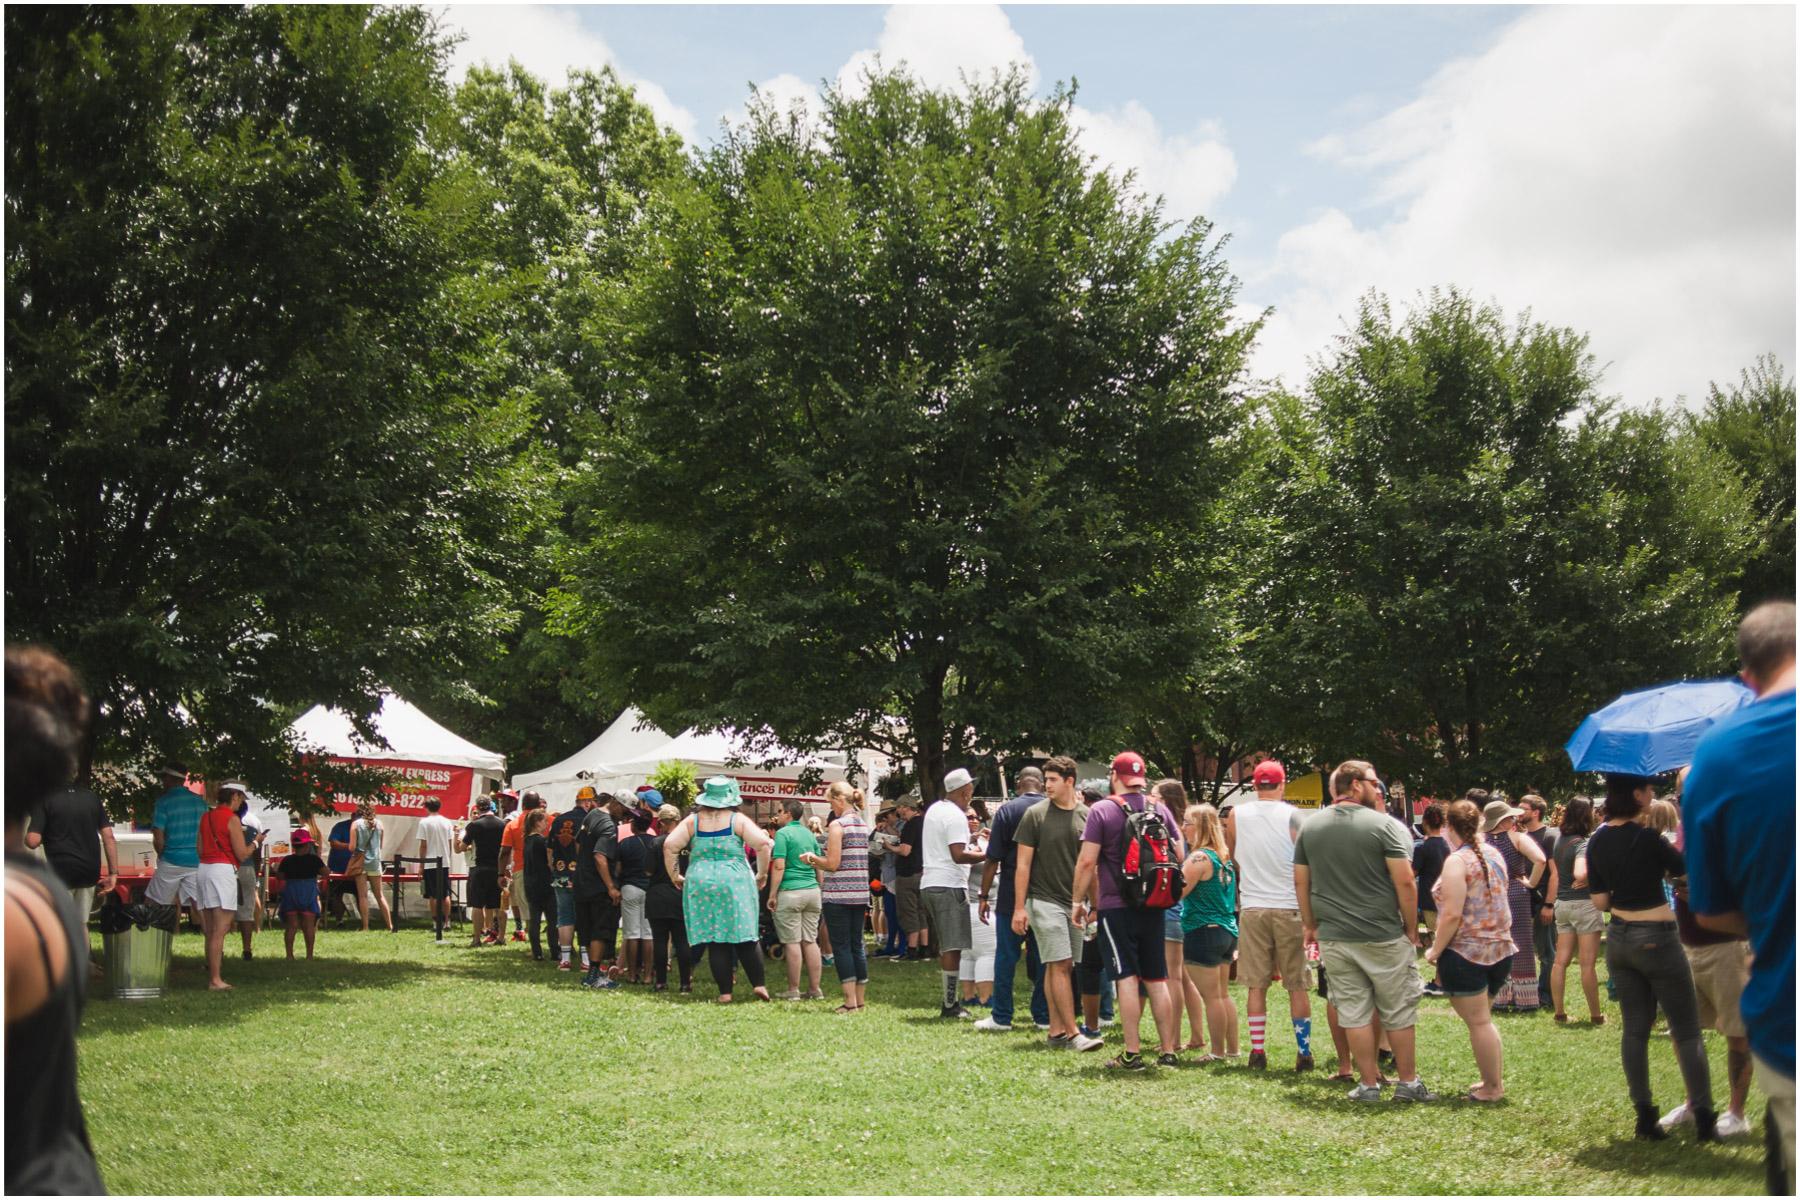 Nashville-Hot-Chicken-Festival-July-4_4.jpg